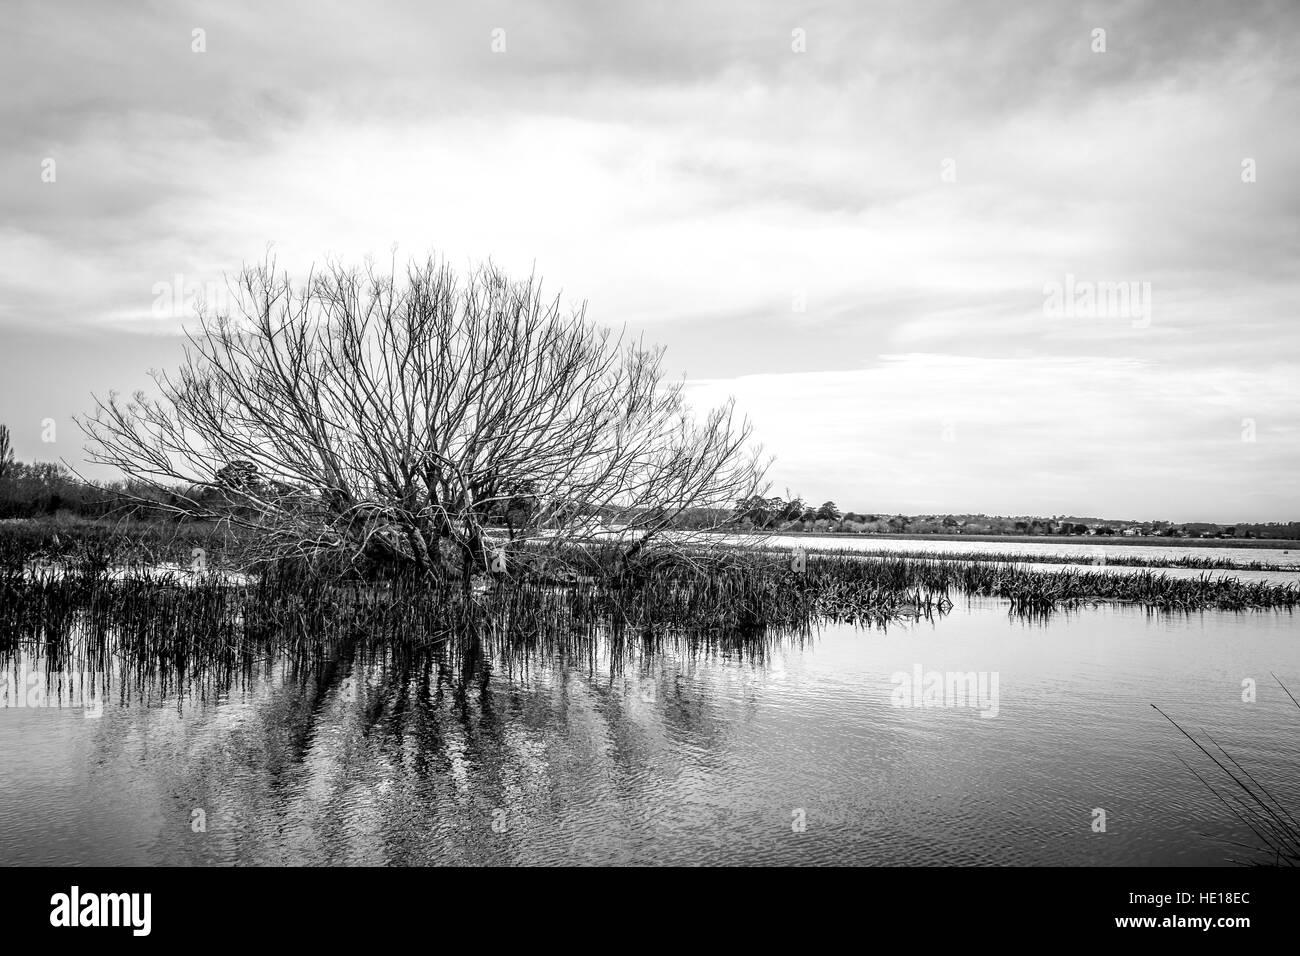 Arbre généalogique partiellement submergé et de l'eau herbes dans un lac gonflé par la pluie. Photo Stock